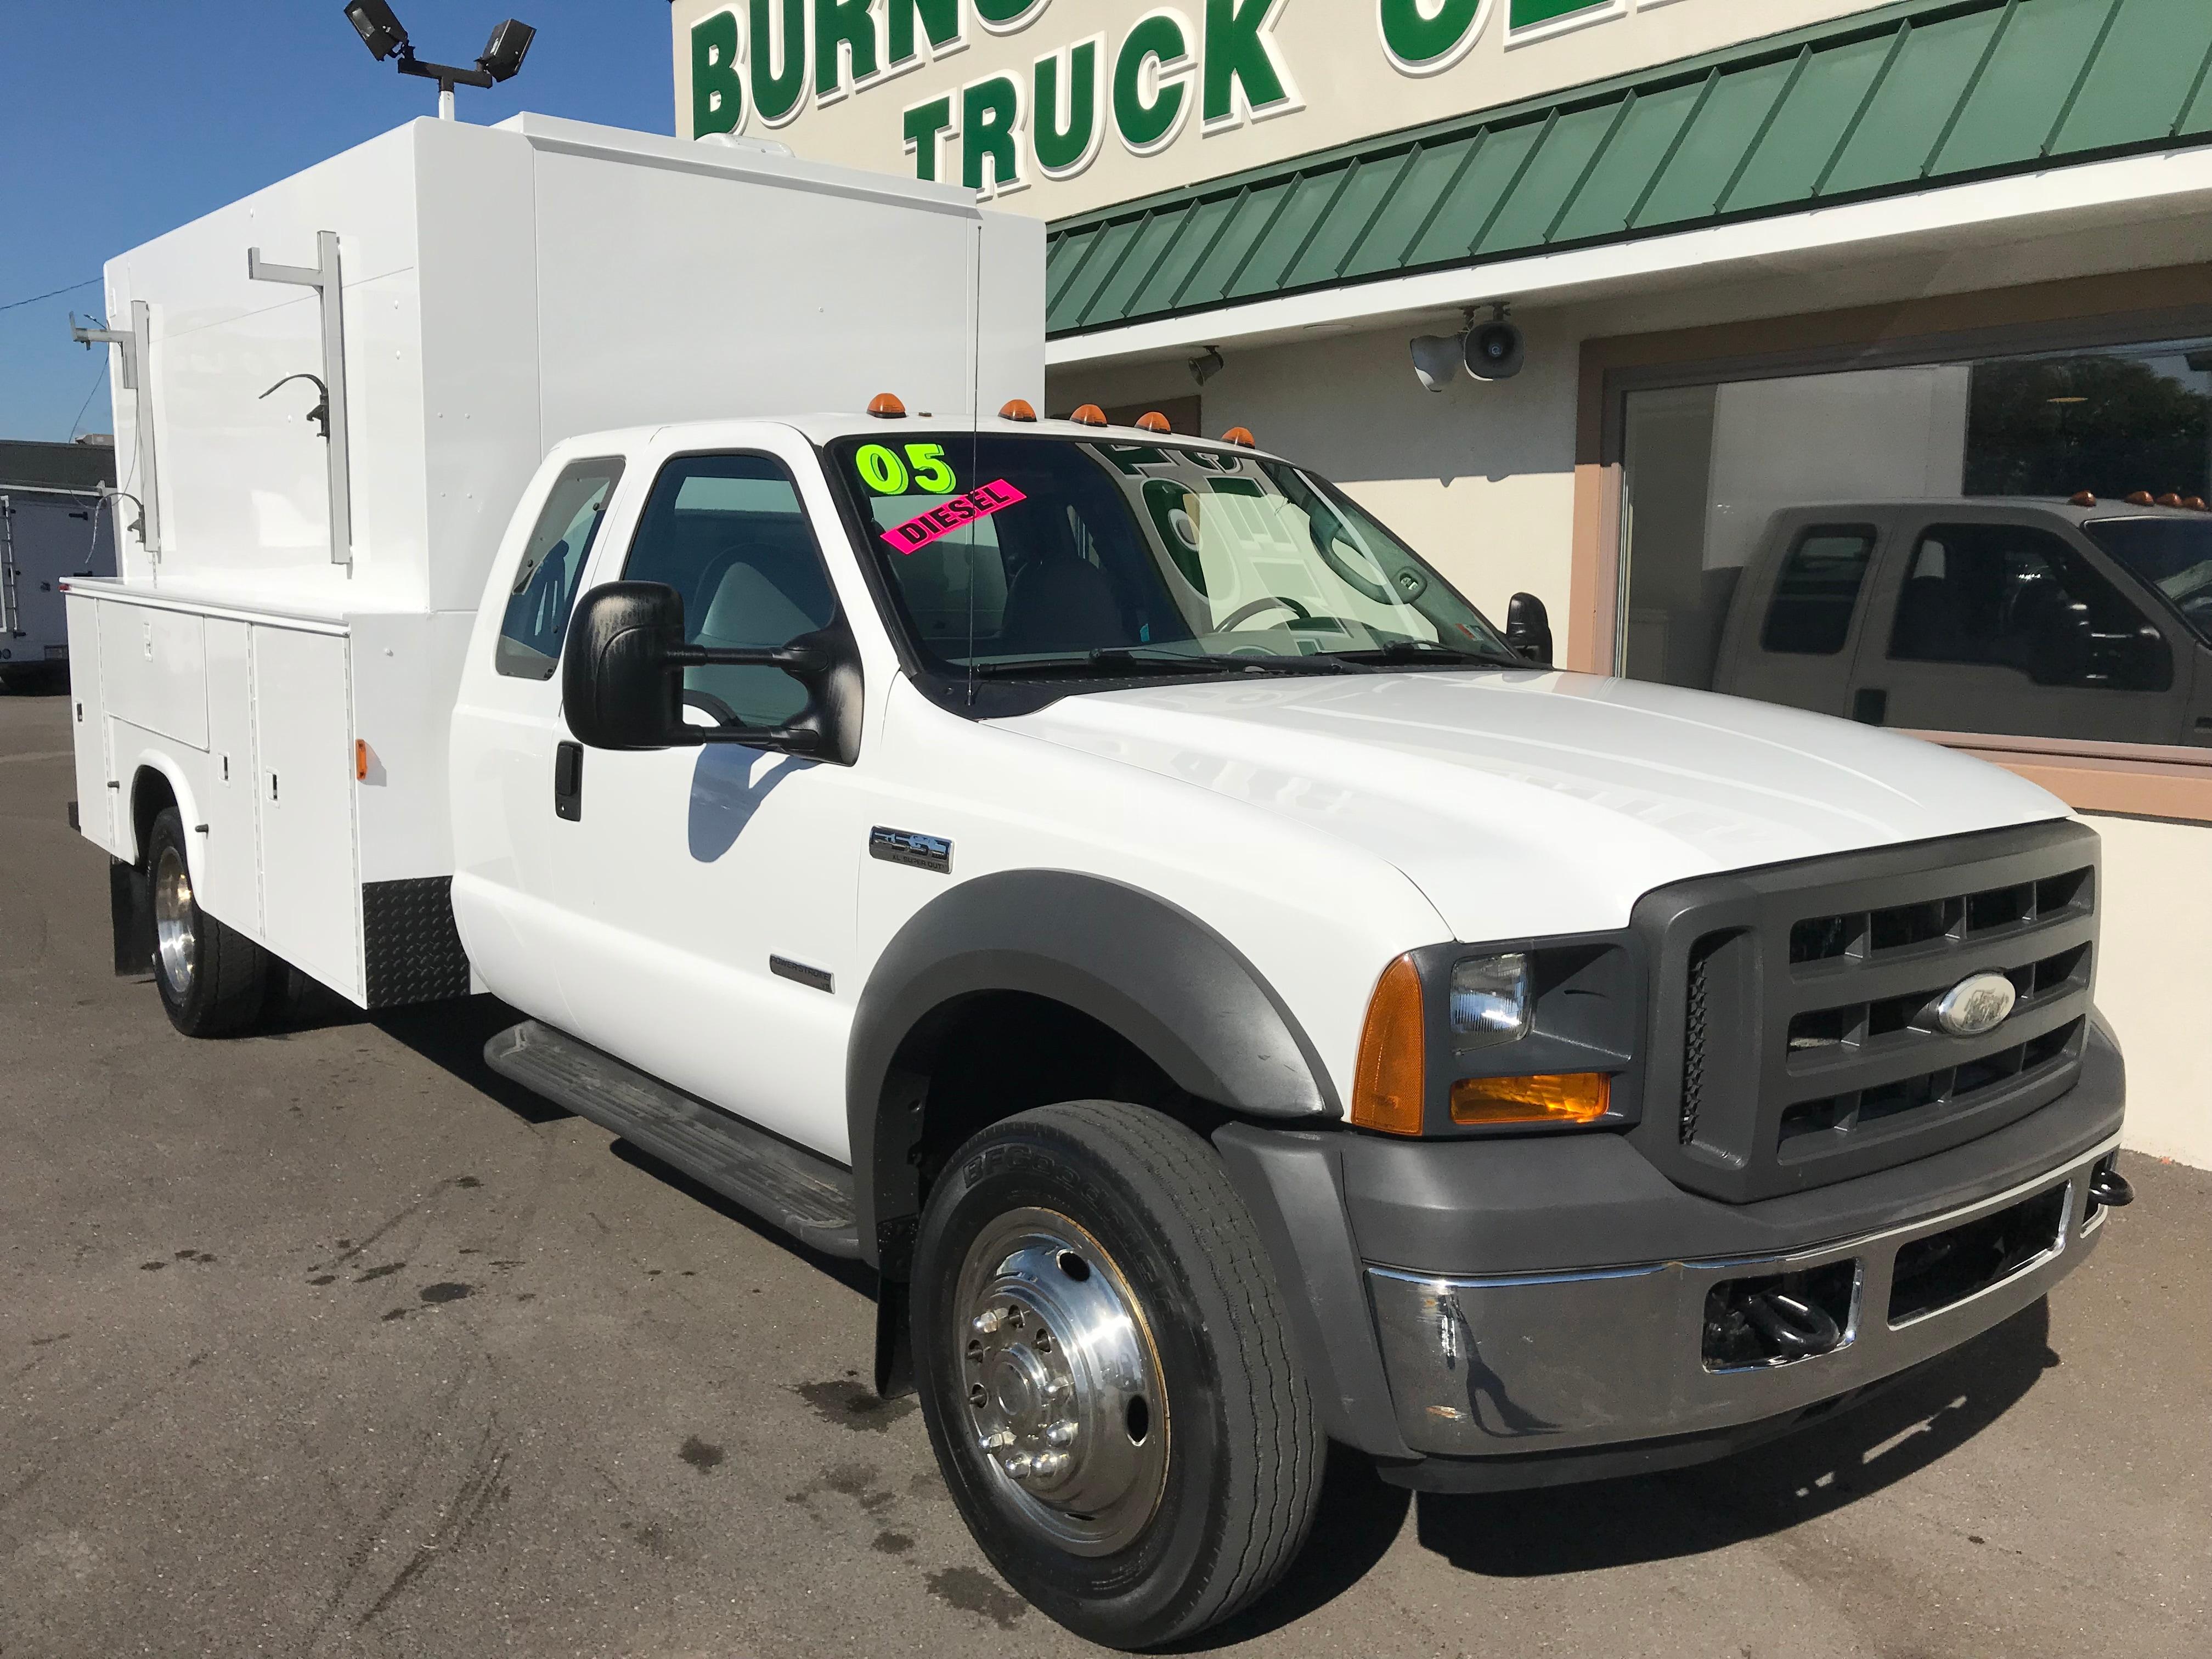 service utility trucks for sale. Black Bedroom Furniture Sets. Home Design Ideas